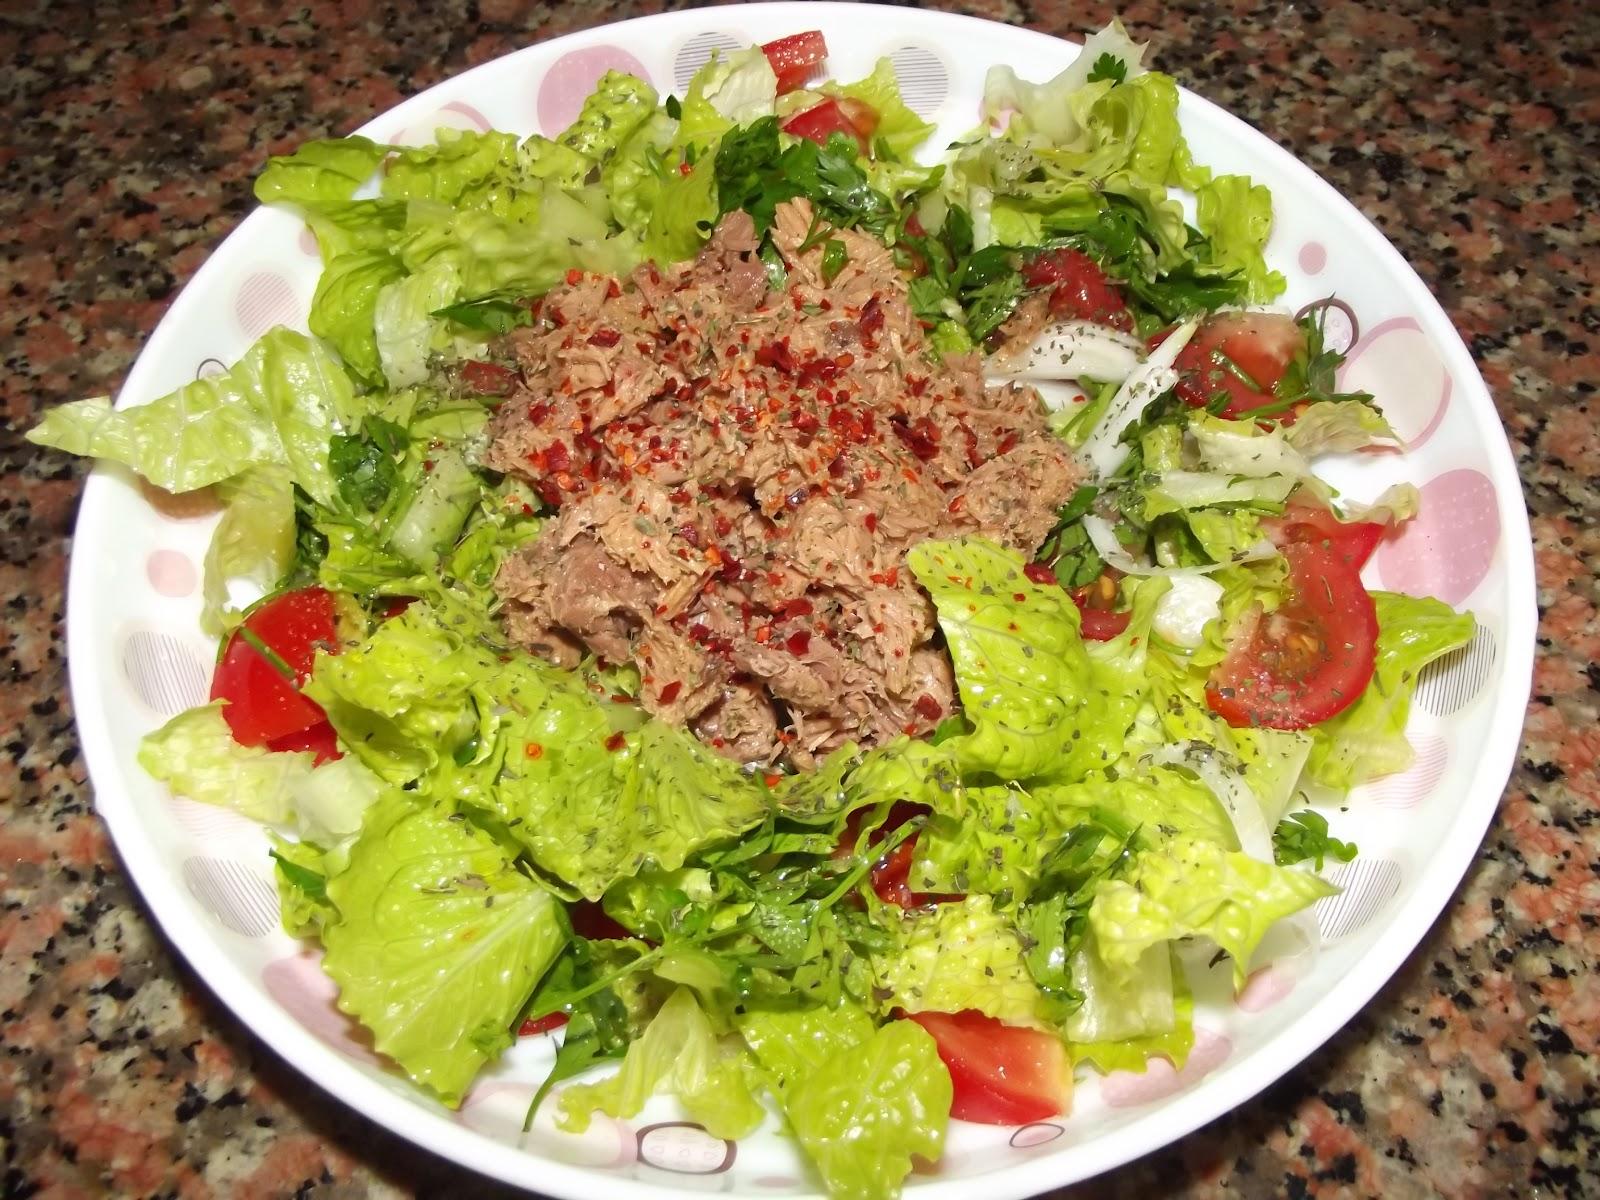 Bu sıcakta ton balıklı salata çok güzel olurdu